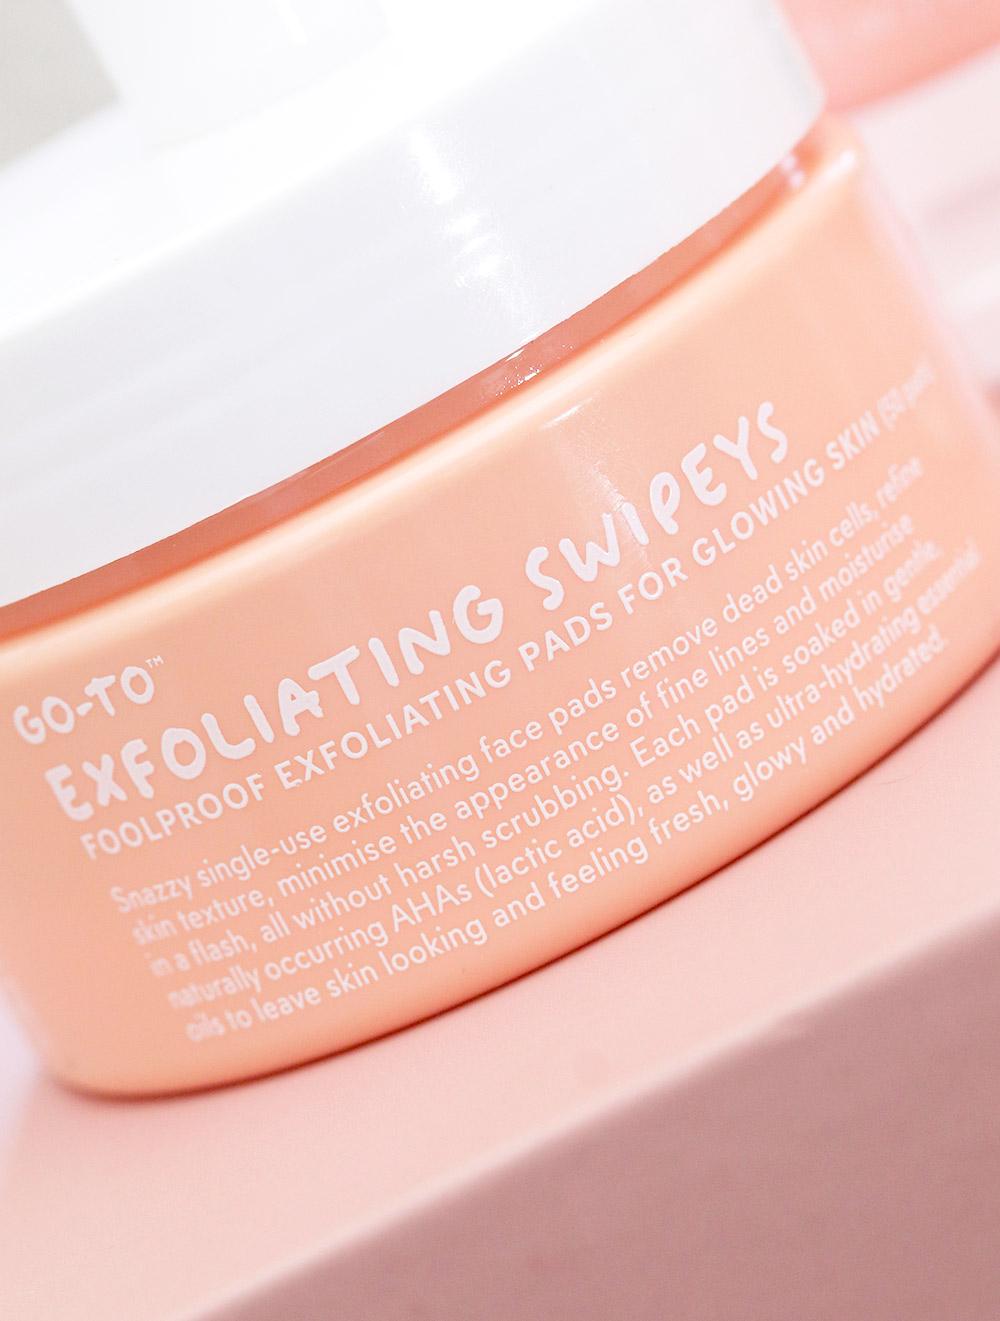 go to skin care exfoliating swipeys